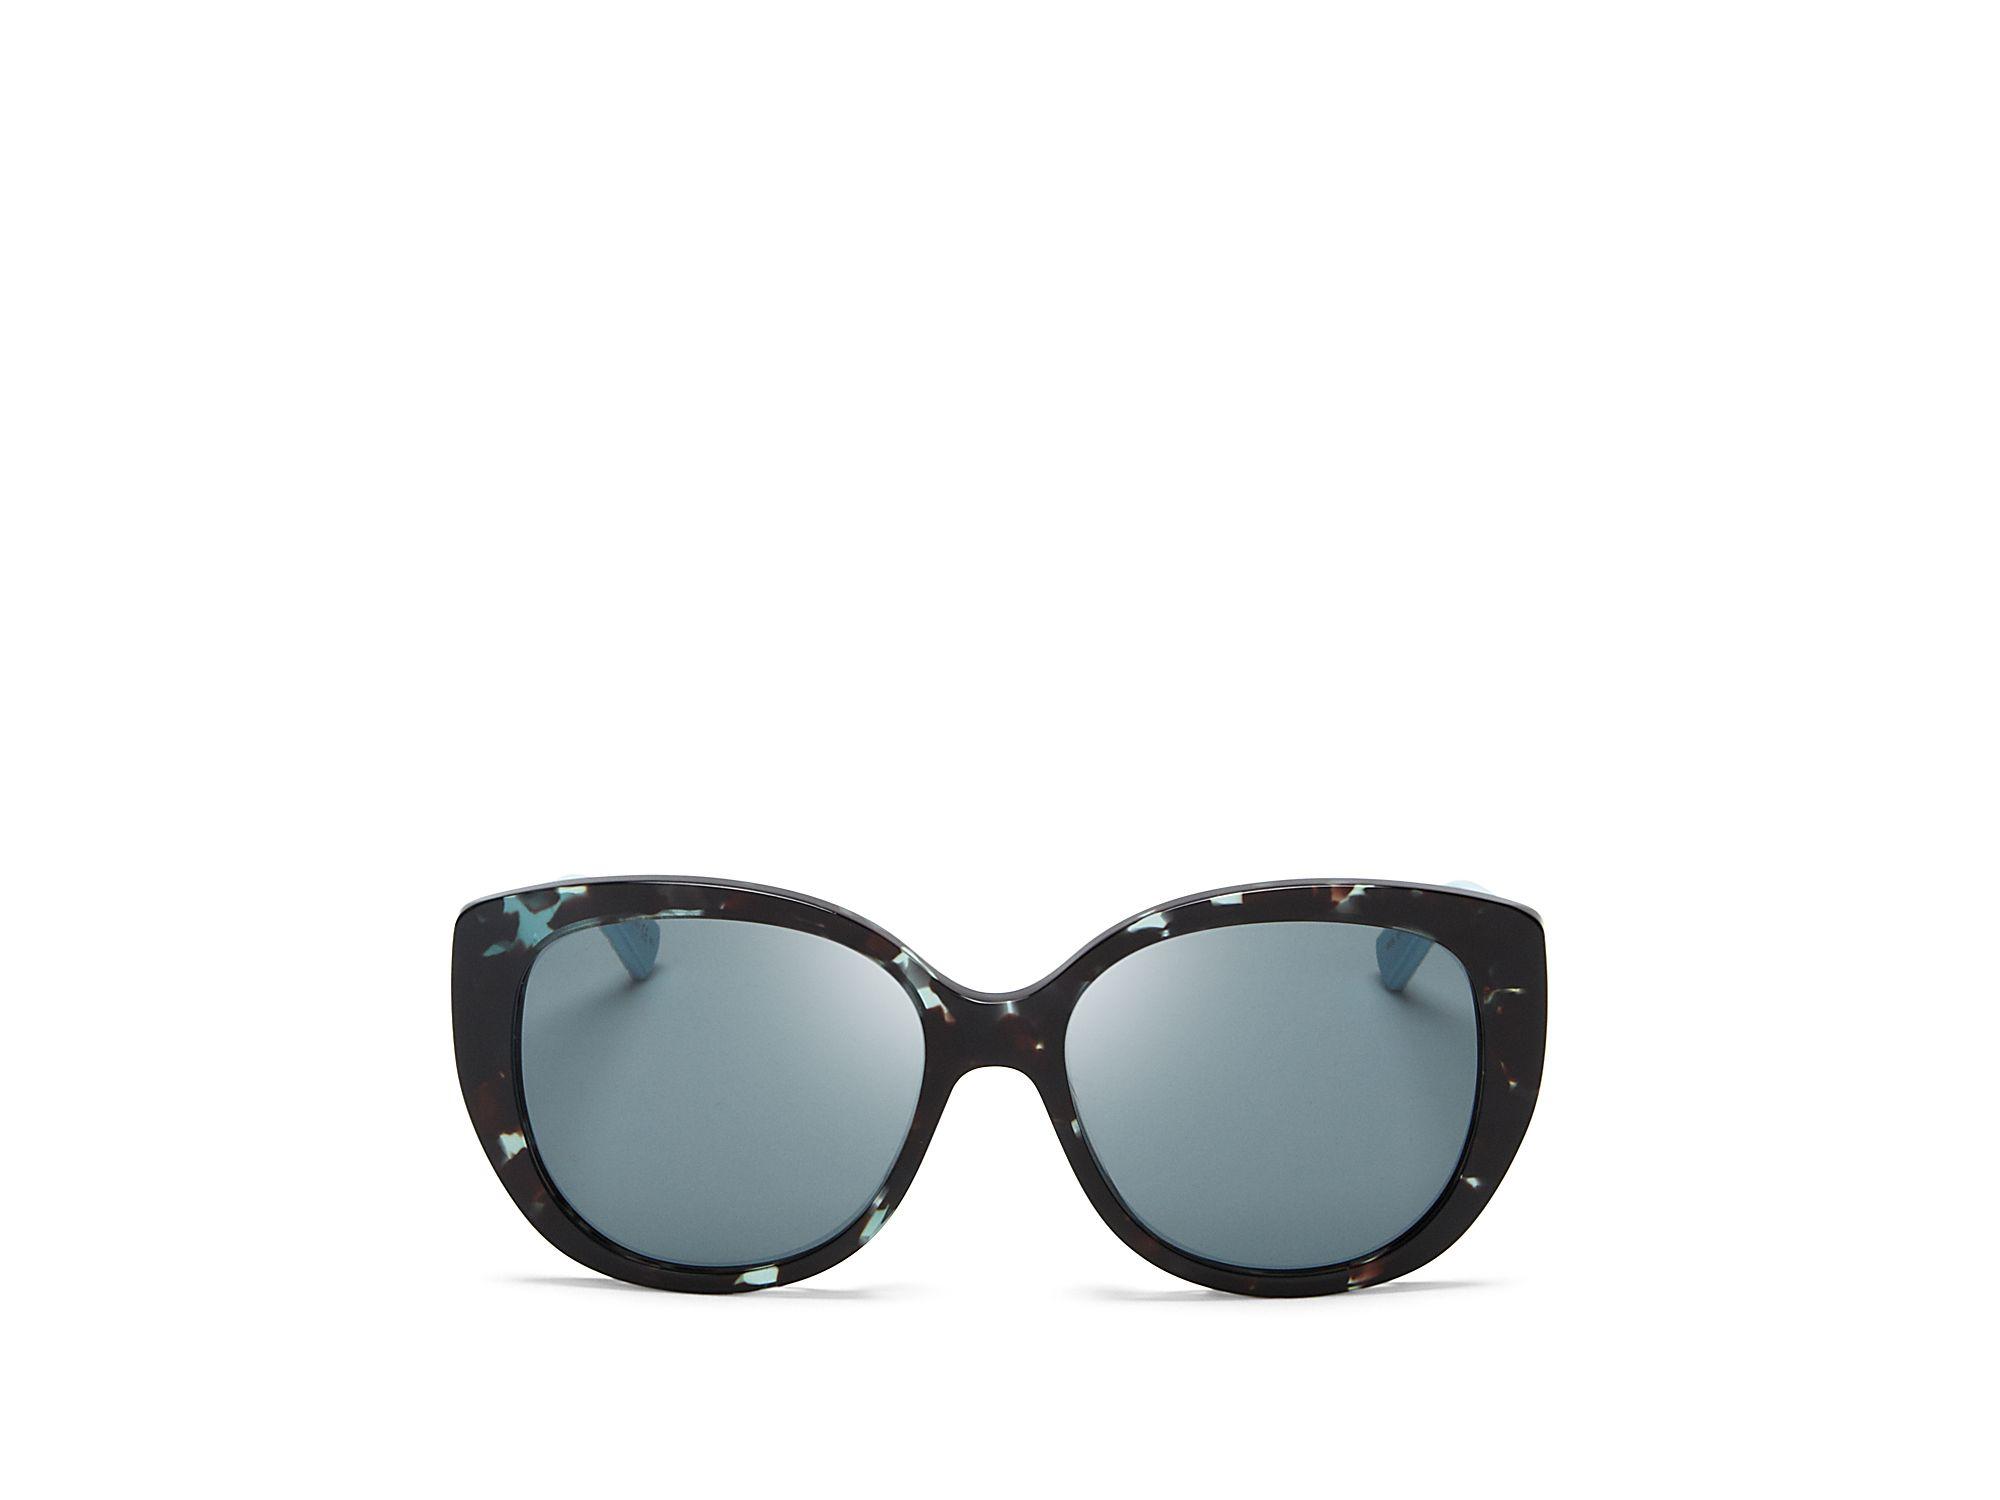 177e0e15e69b0 Dior Sunglasses Cat Eye 2015